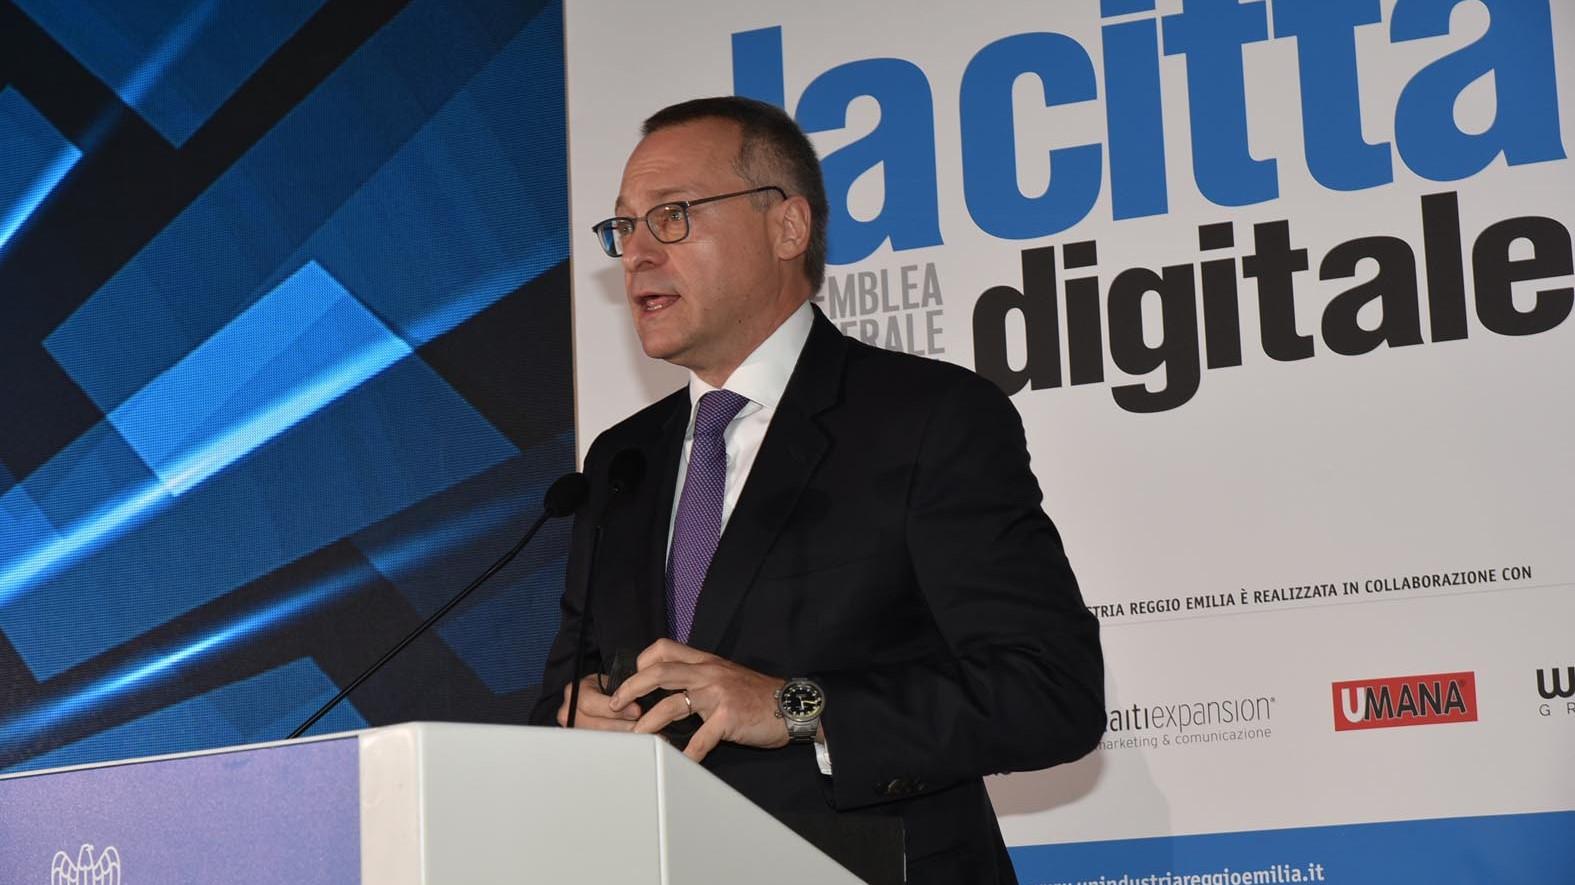 Assemblea generale 2021 - La città digitale: inaugurato il Digital Automation Lab